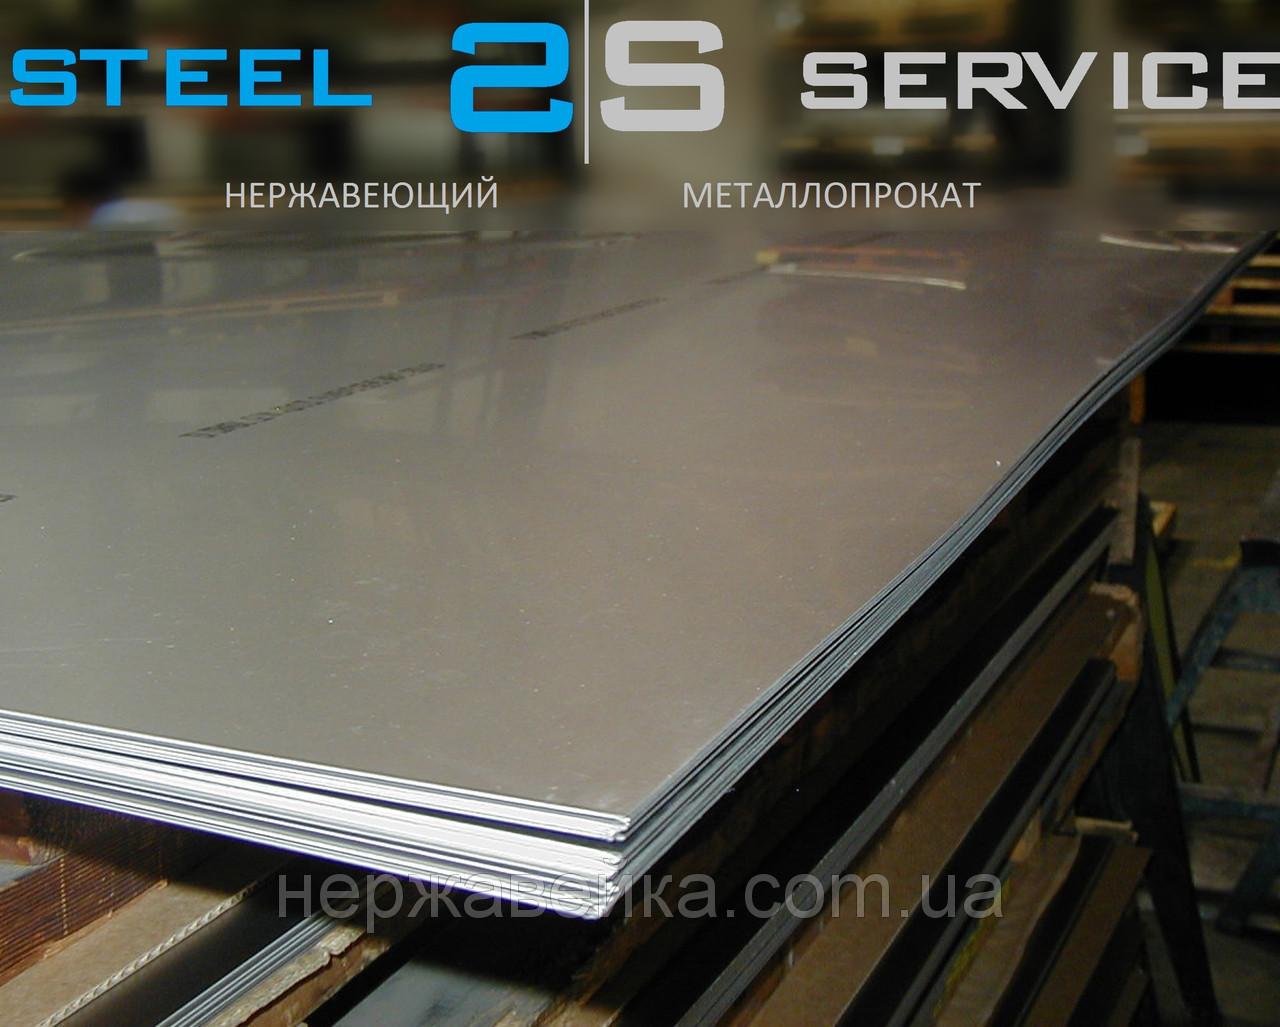 Нержавейка лист 8х1500х6000мм  AISI 310(20Х23Н18) F1 - горячекатанный,  жаропрочный